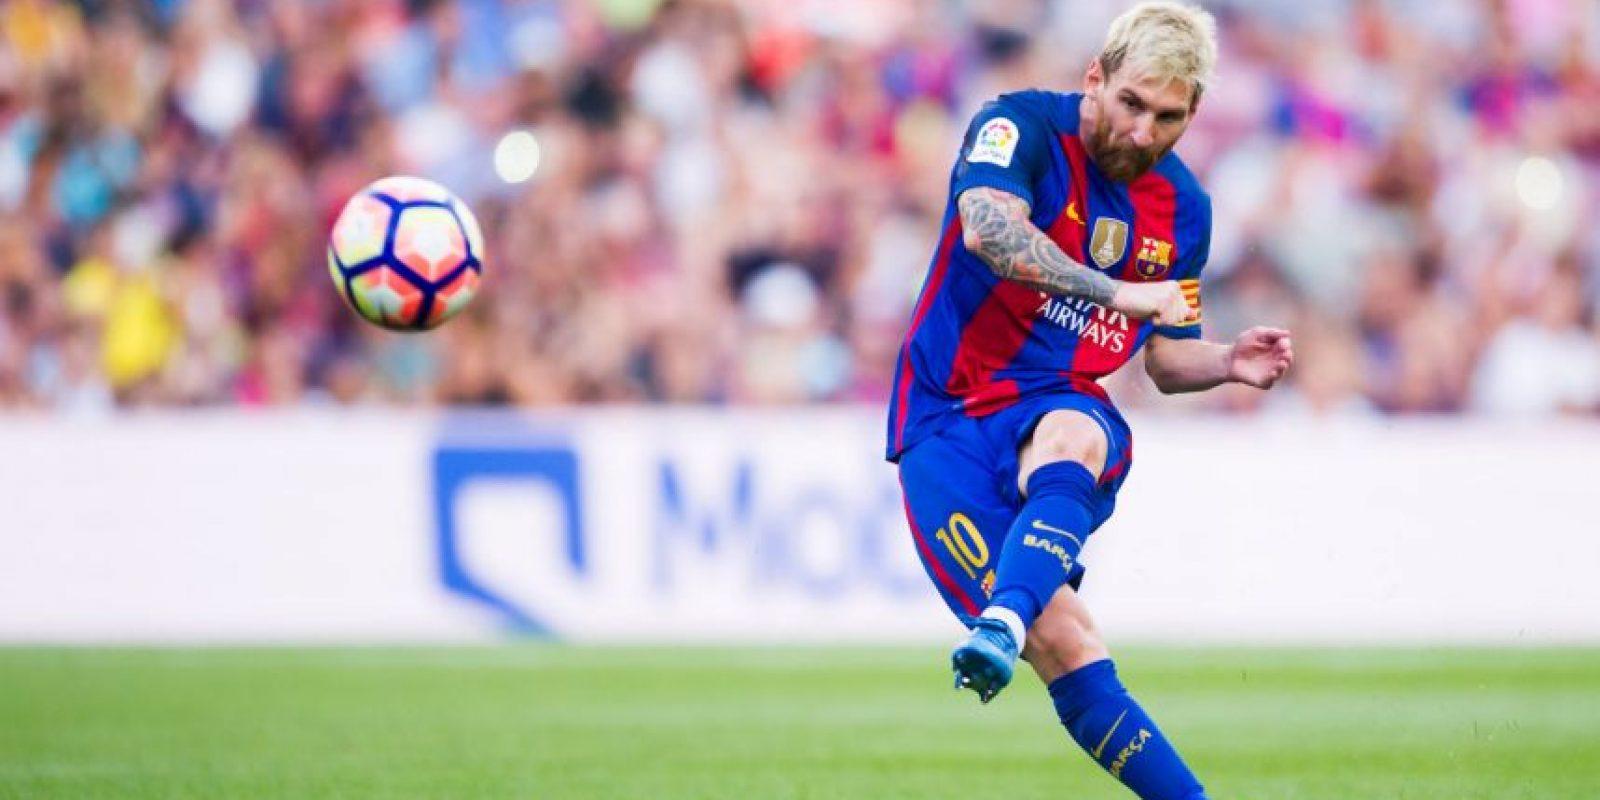 Este es el equipo con el que Messi juega en el FIFA 16 Foto:Getty Images